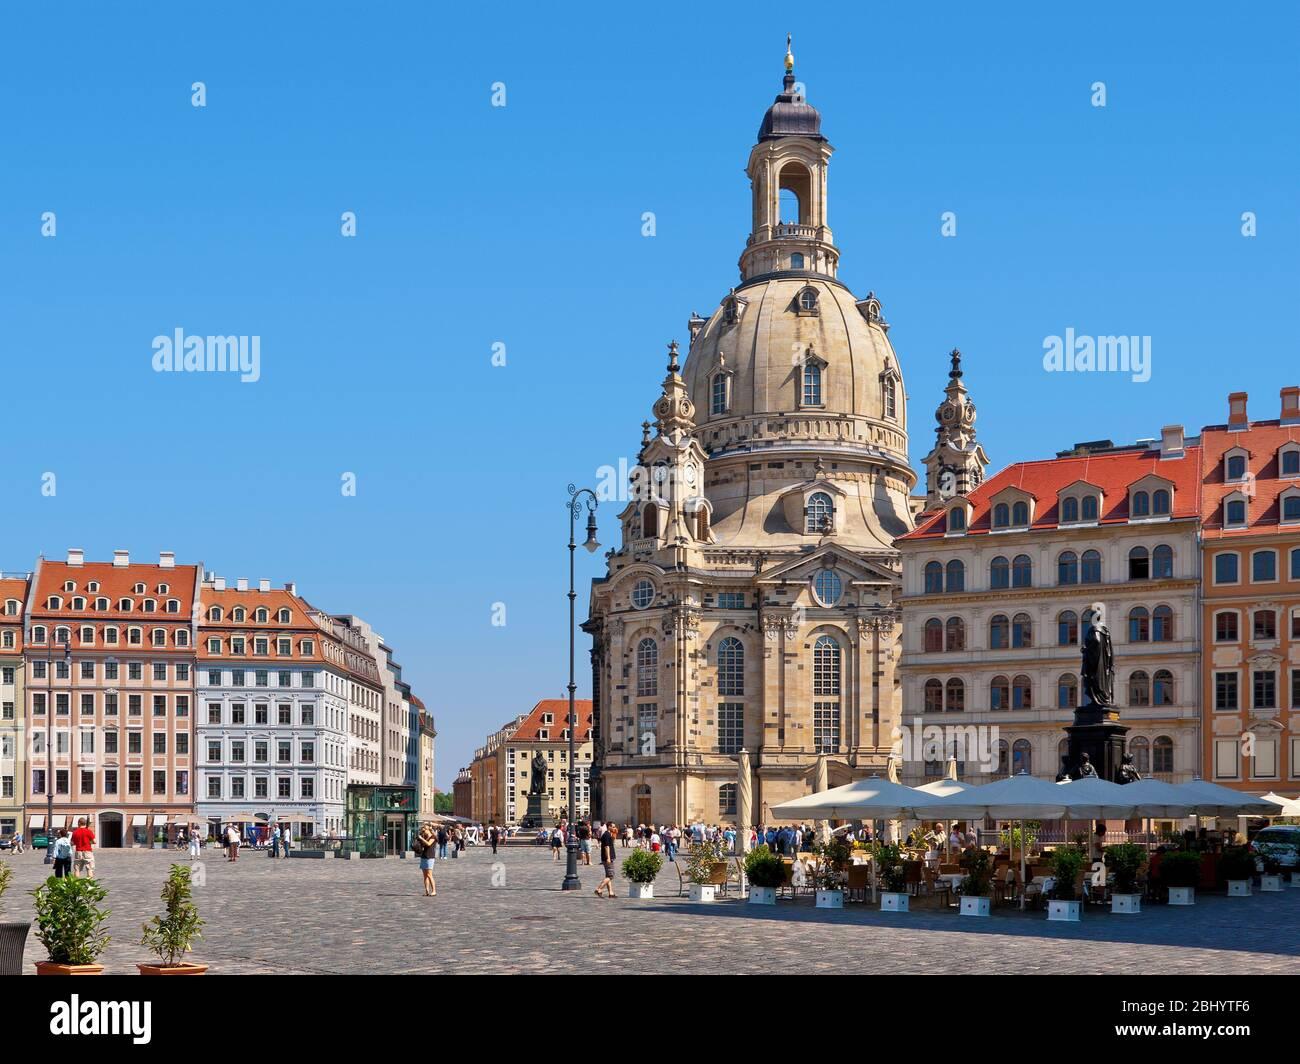 Die weltberühmte Dresdner Frauenkirche wird von tausenden Touristen besucht, wie man an dem überfüllten Platz vor ihr sehen kann. Stockfoto